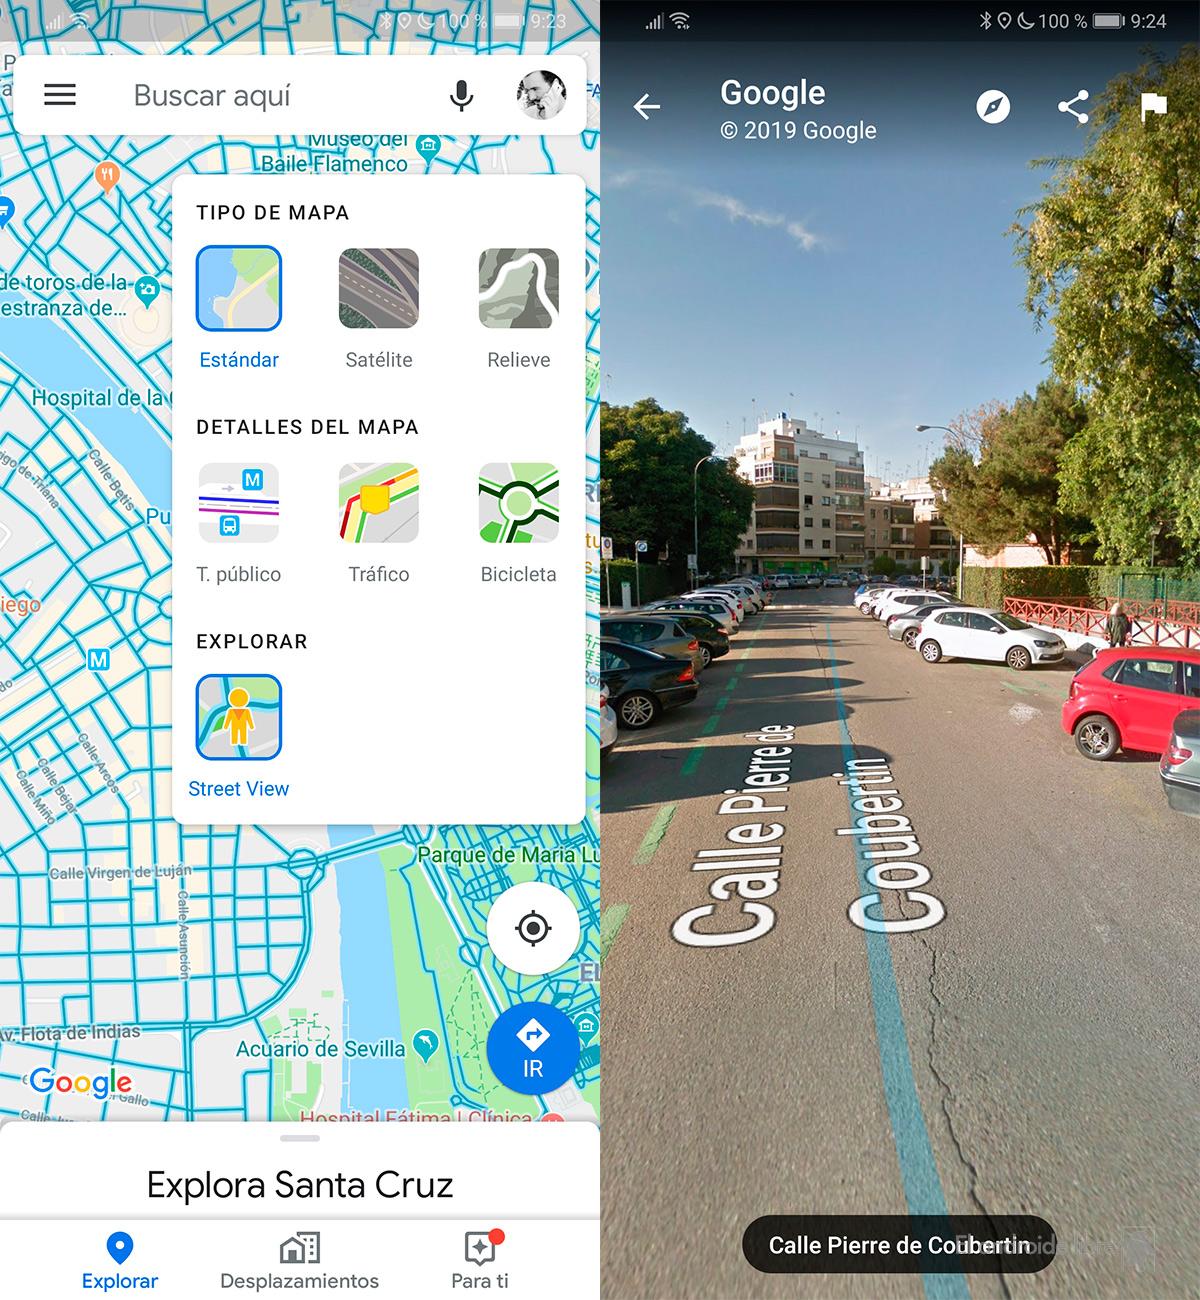 Google Maps додава нов слој со Street View во неговиот интерфејс 1